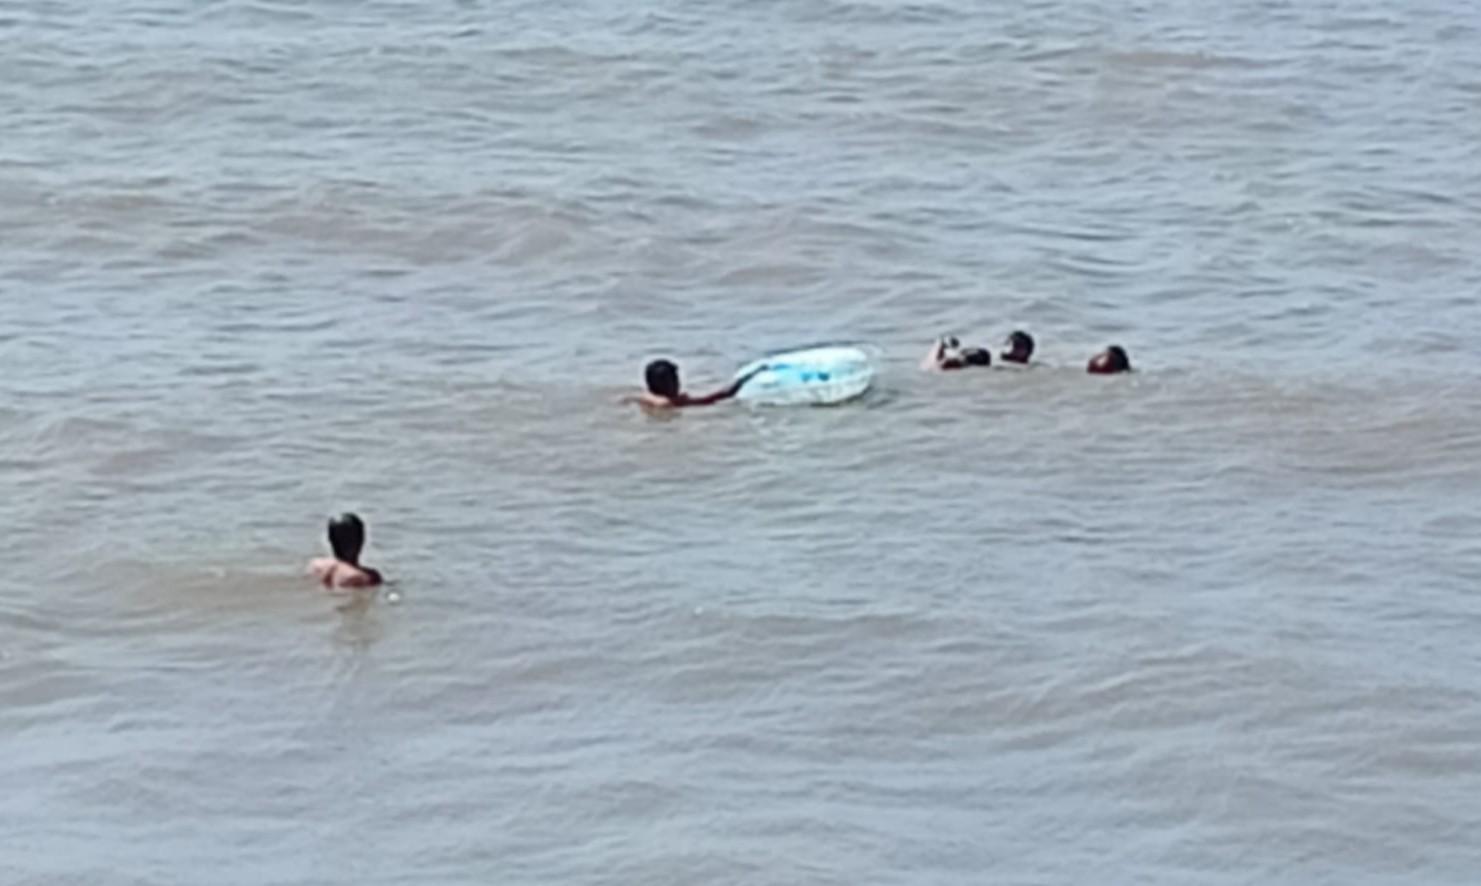 Terseret Ombak Saat Mandi di Pantai, Seorang Anak Meninggal